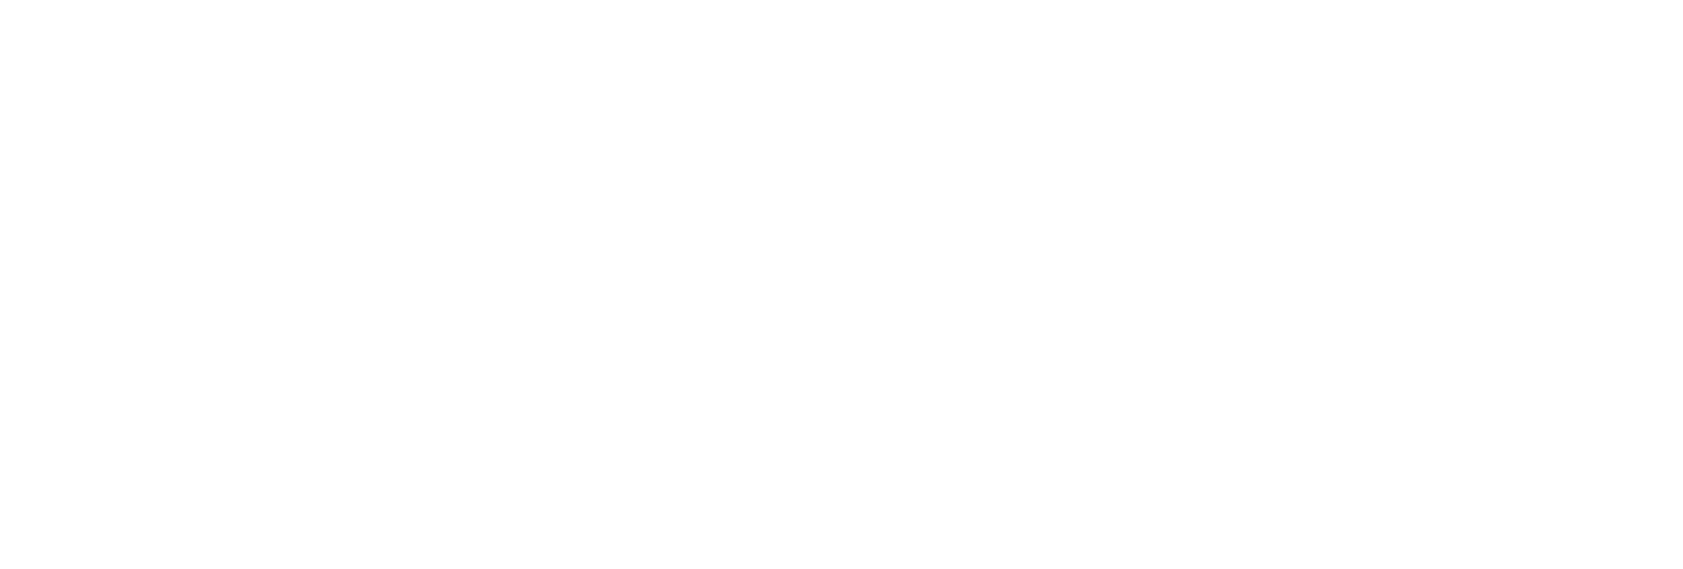 FonNet